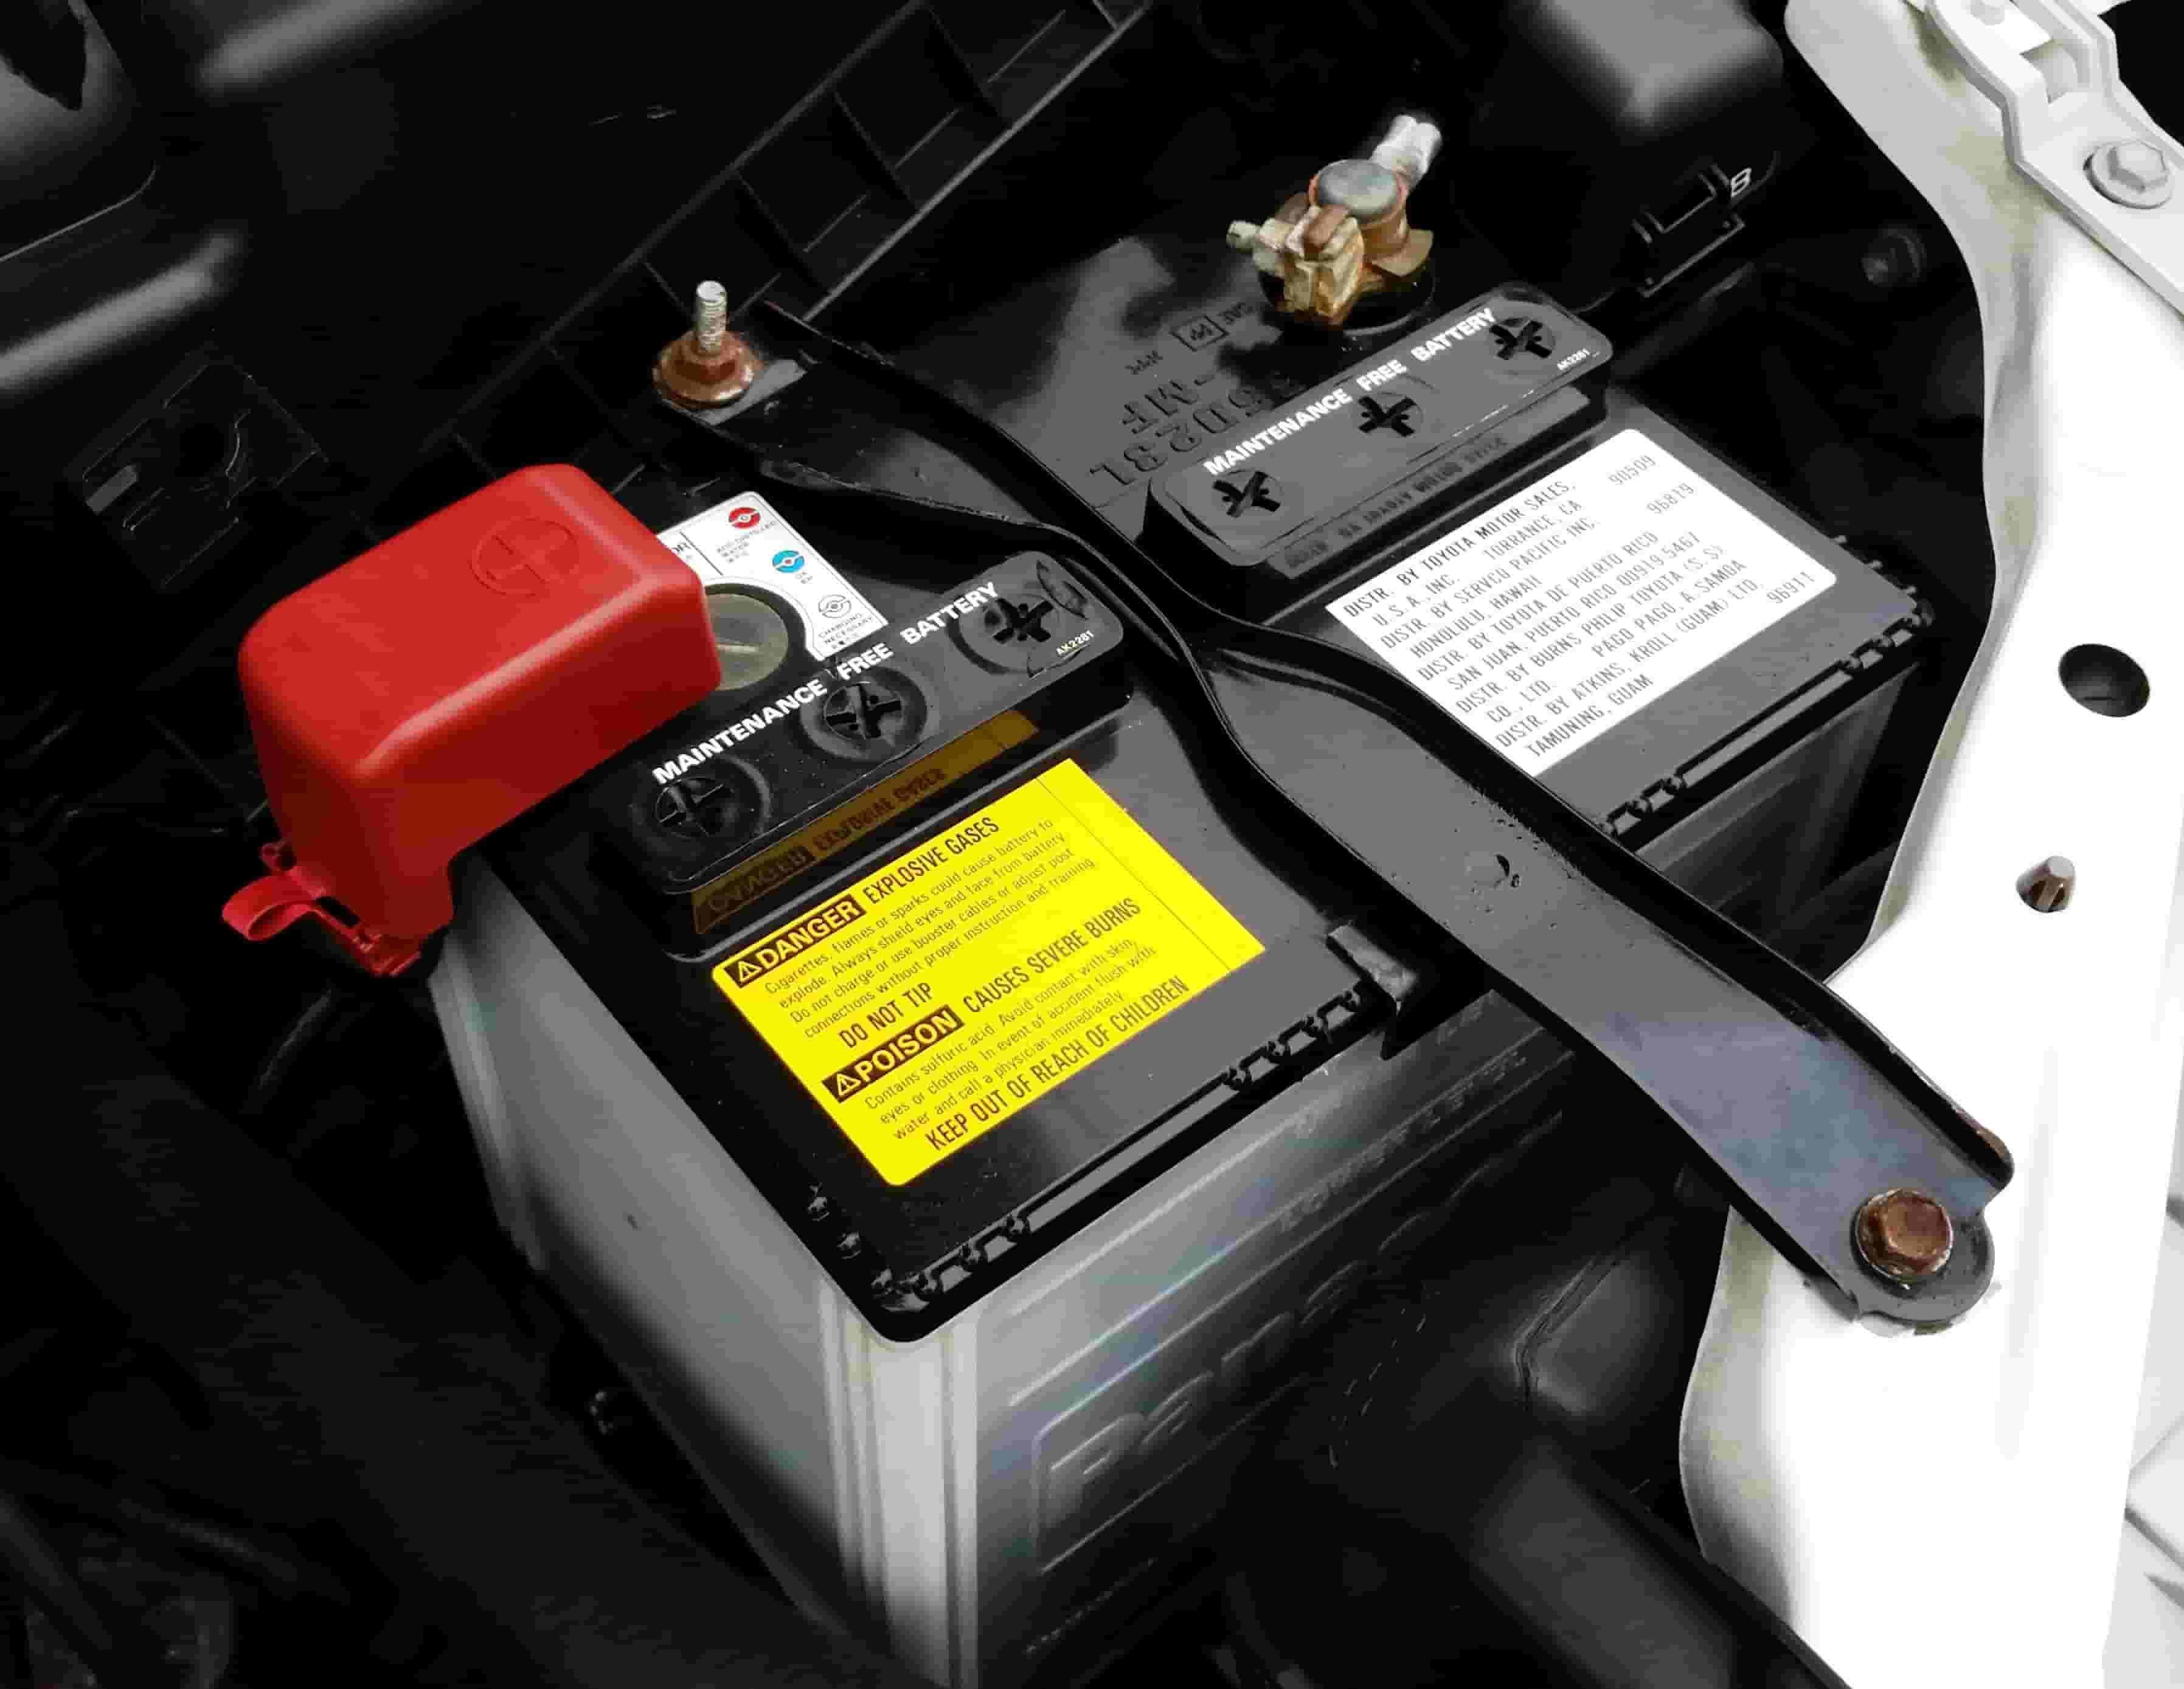 autobatéria, batéria vaute, kontrola autobatérie